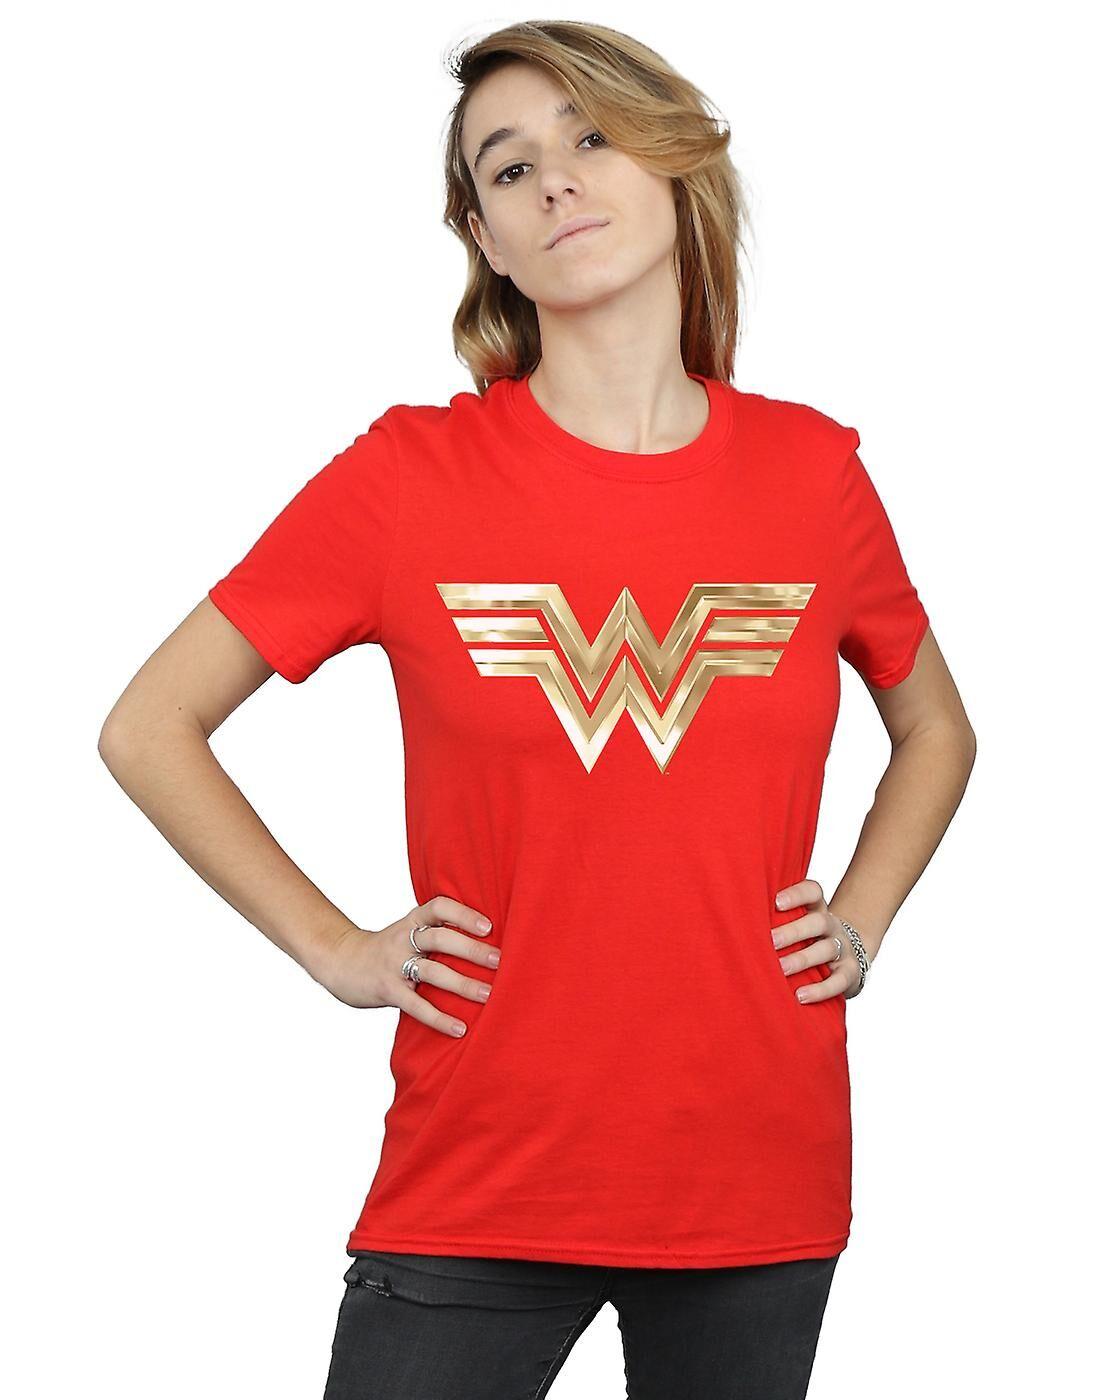 Absolute Cult DC Comics Femmes-apos;s Wonder Woman 84 Gold Emblem Boyfriend Fit T-Shirt Blanc Large